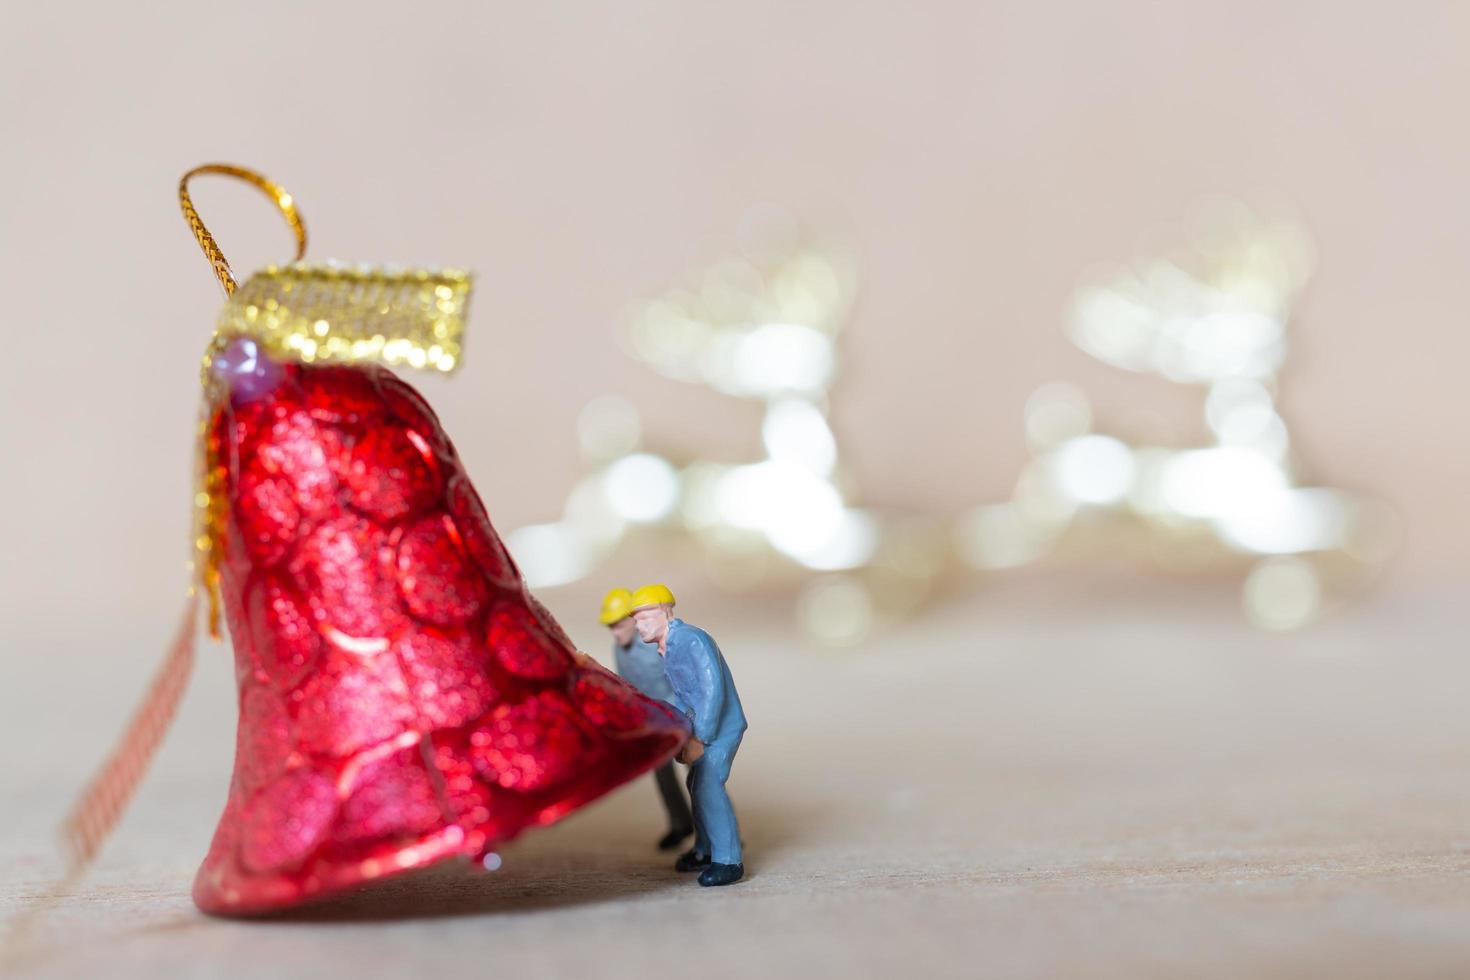 statuette in miniatura di persone che mettono addobbi natalizi foto